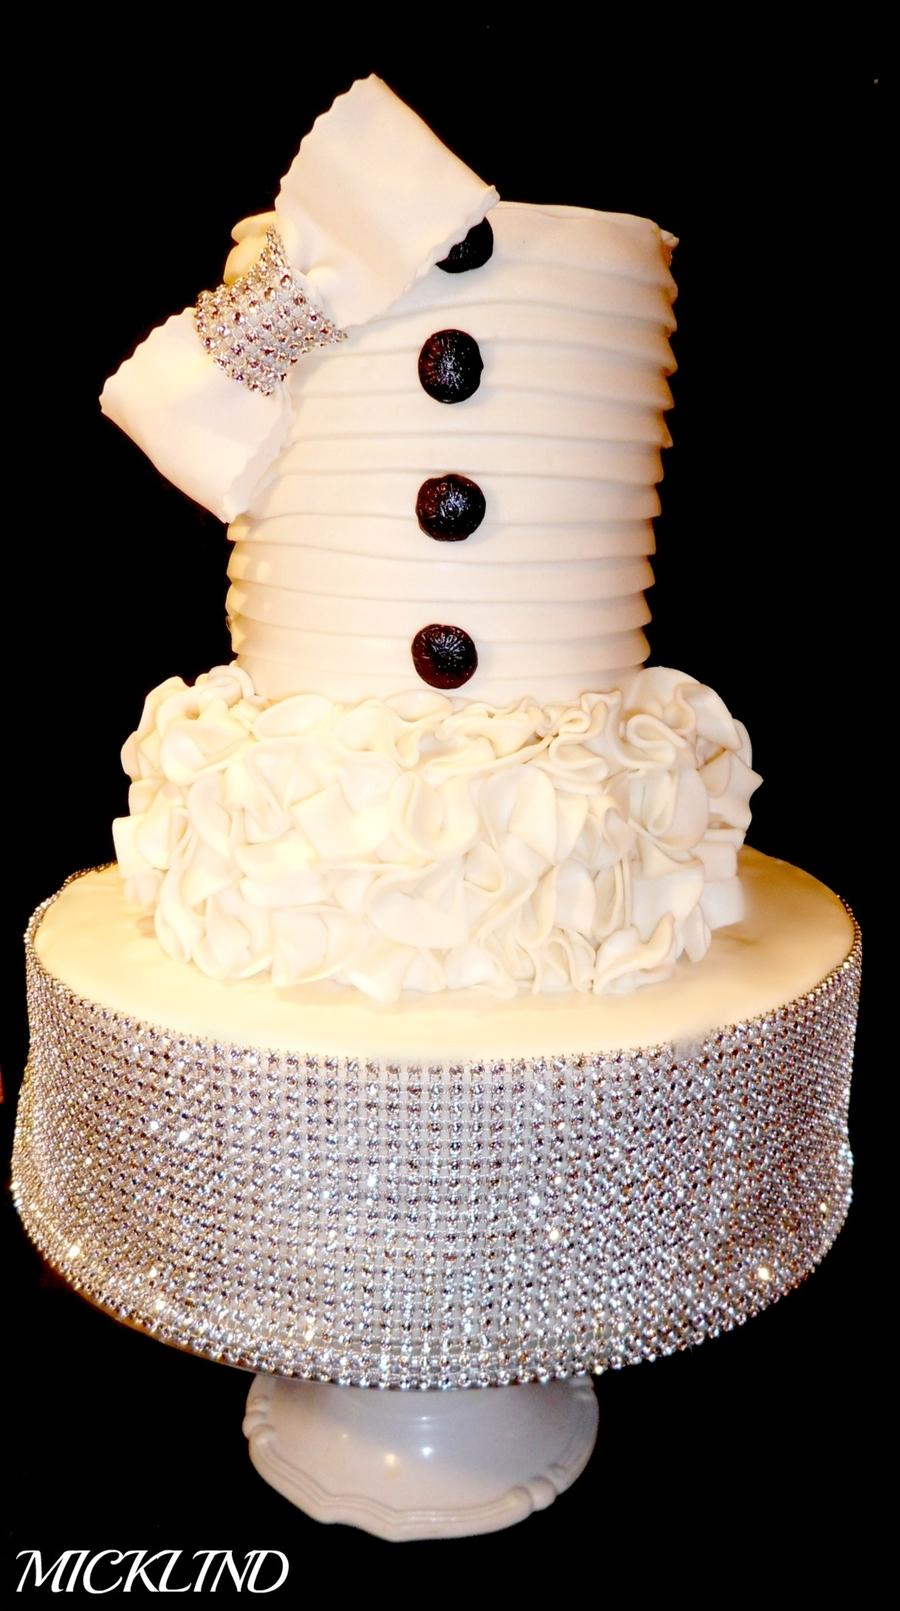 A Bling Wedding Cake - CakeCentral.com